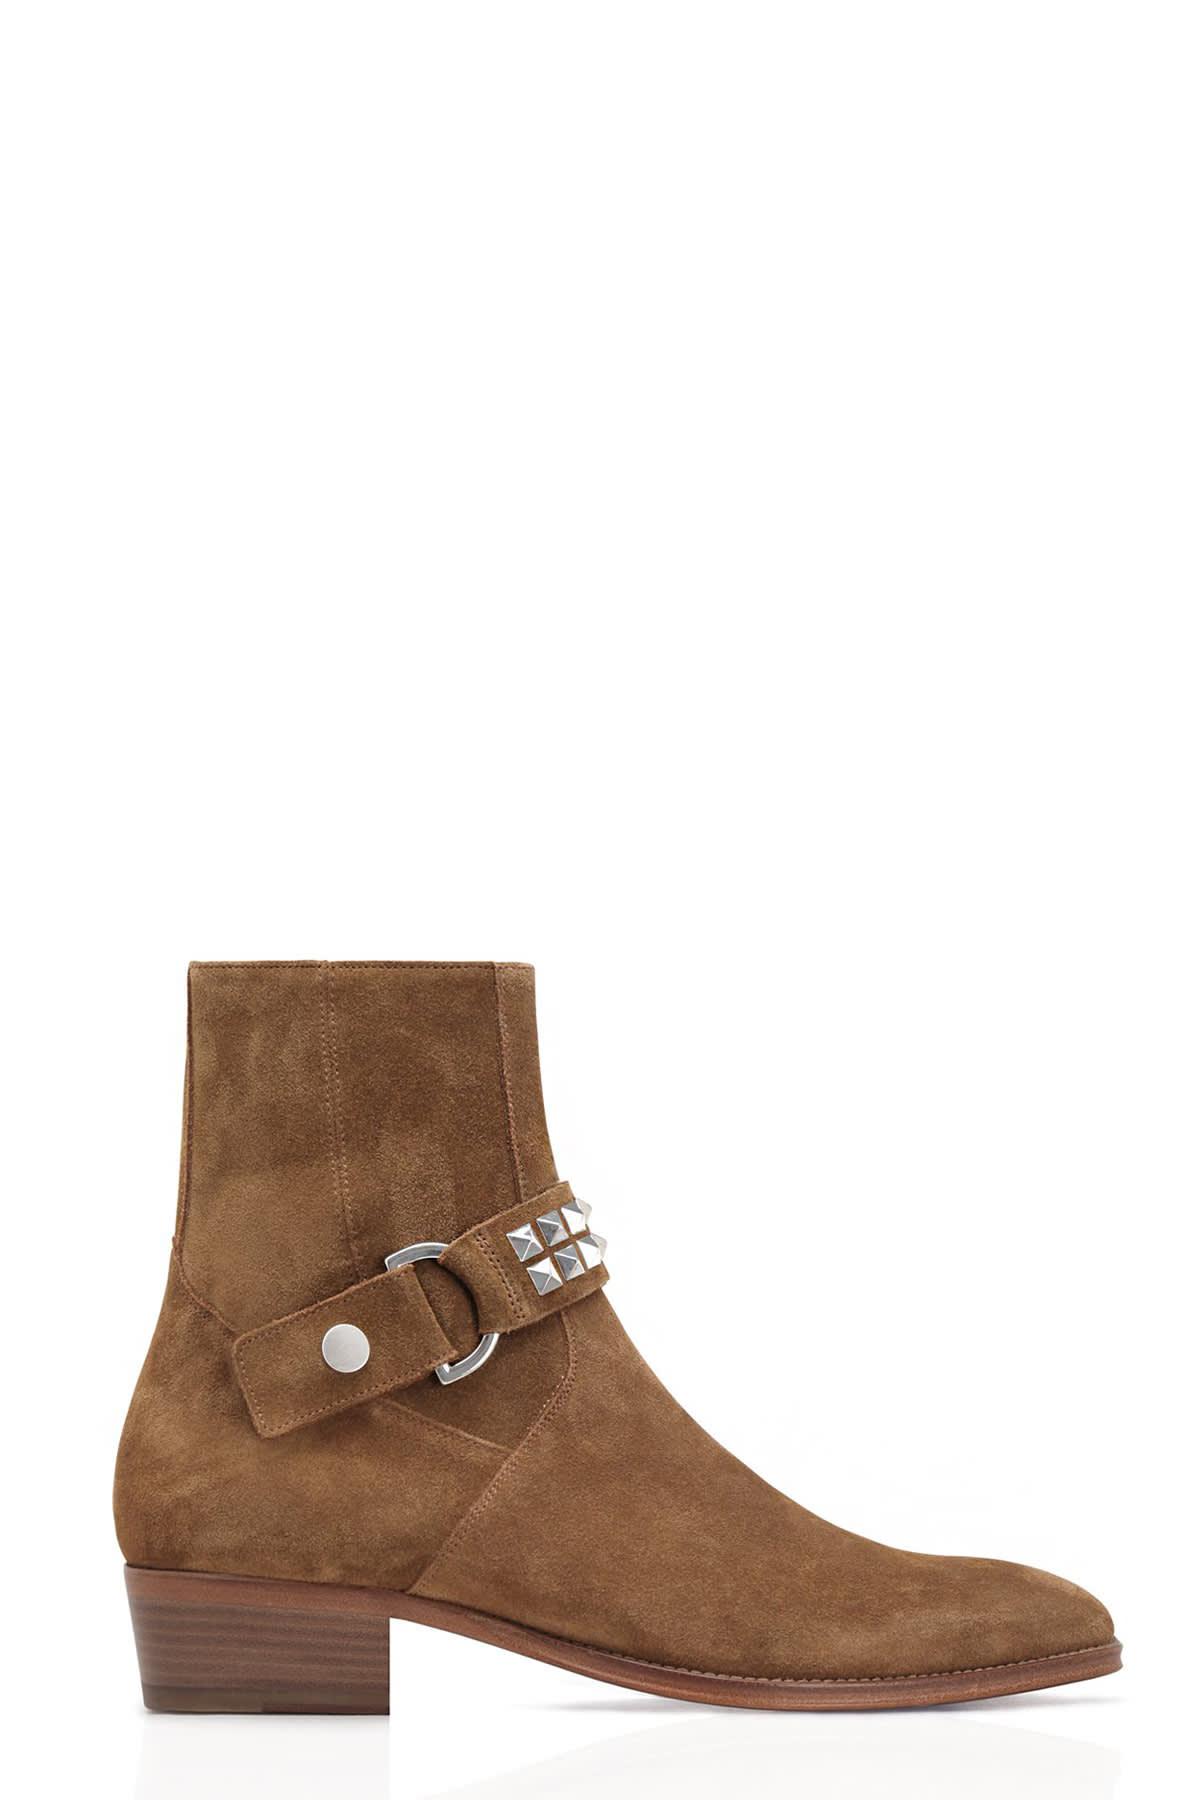 REPRESENT Boots